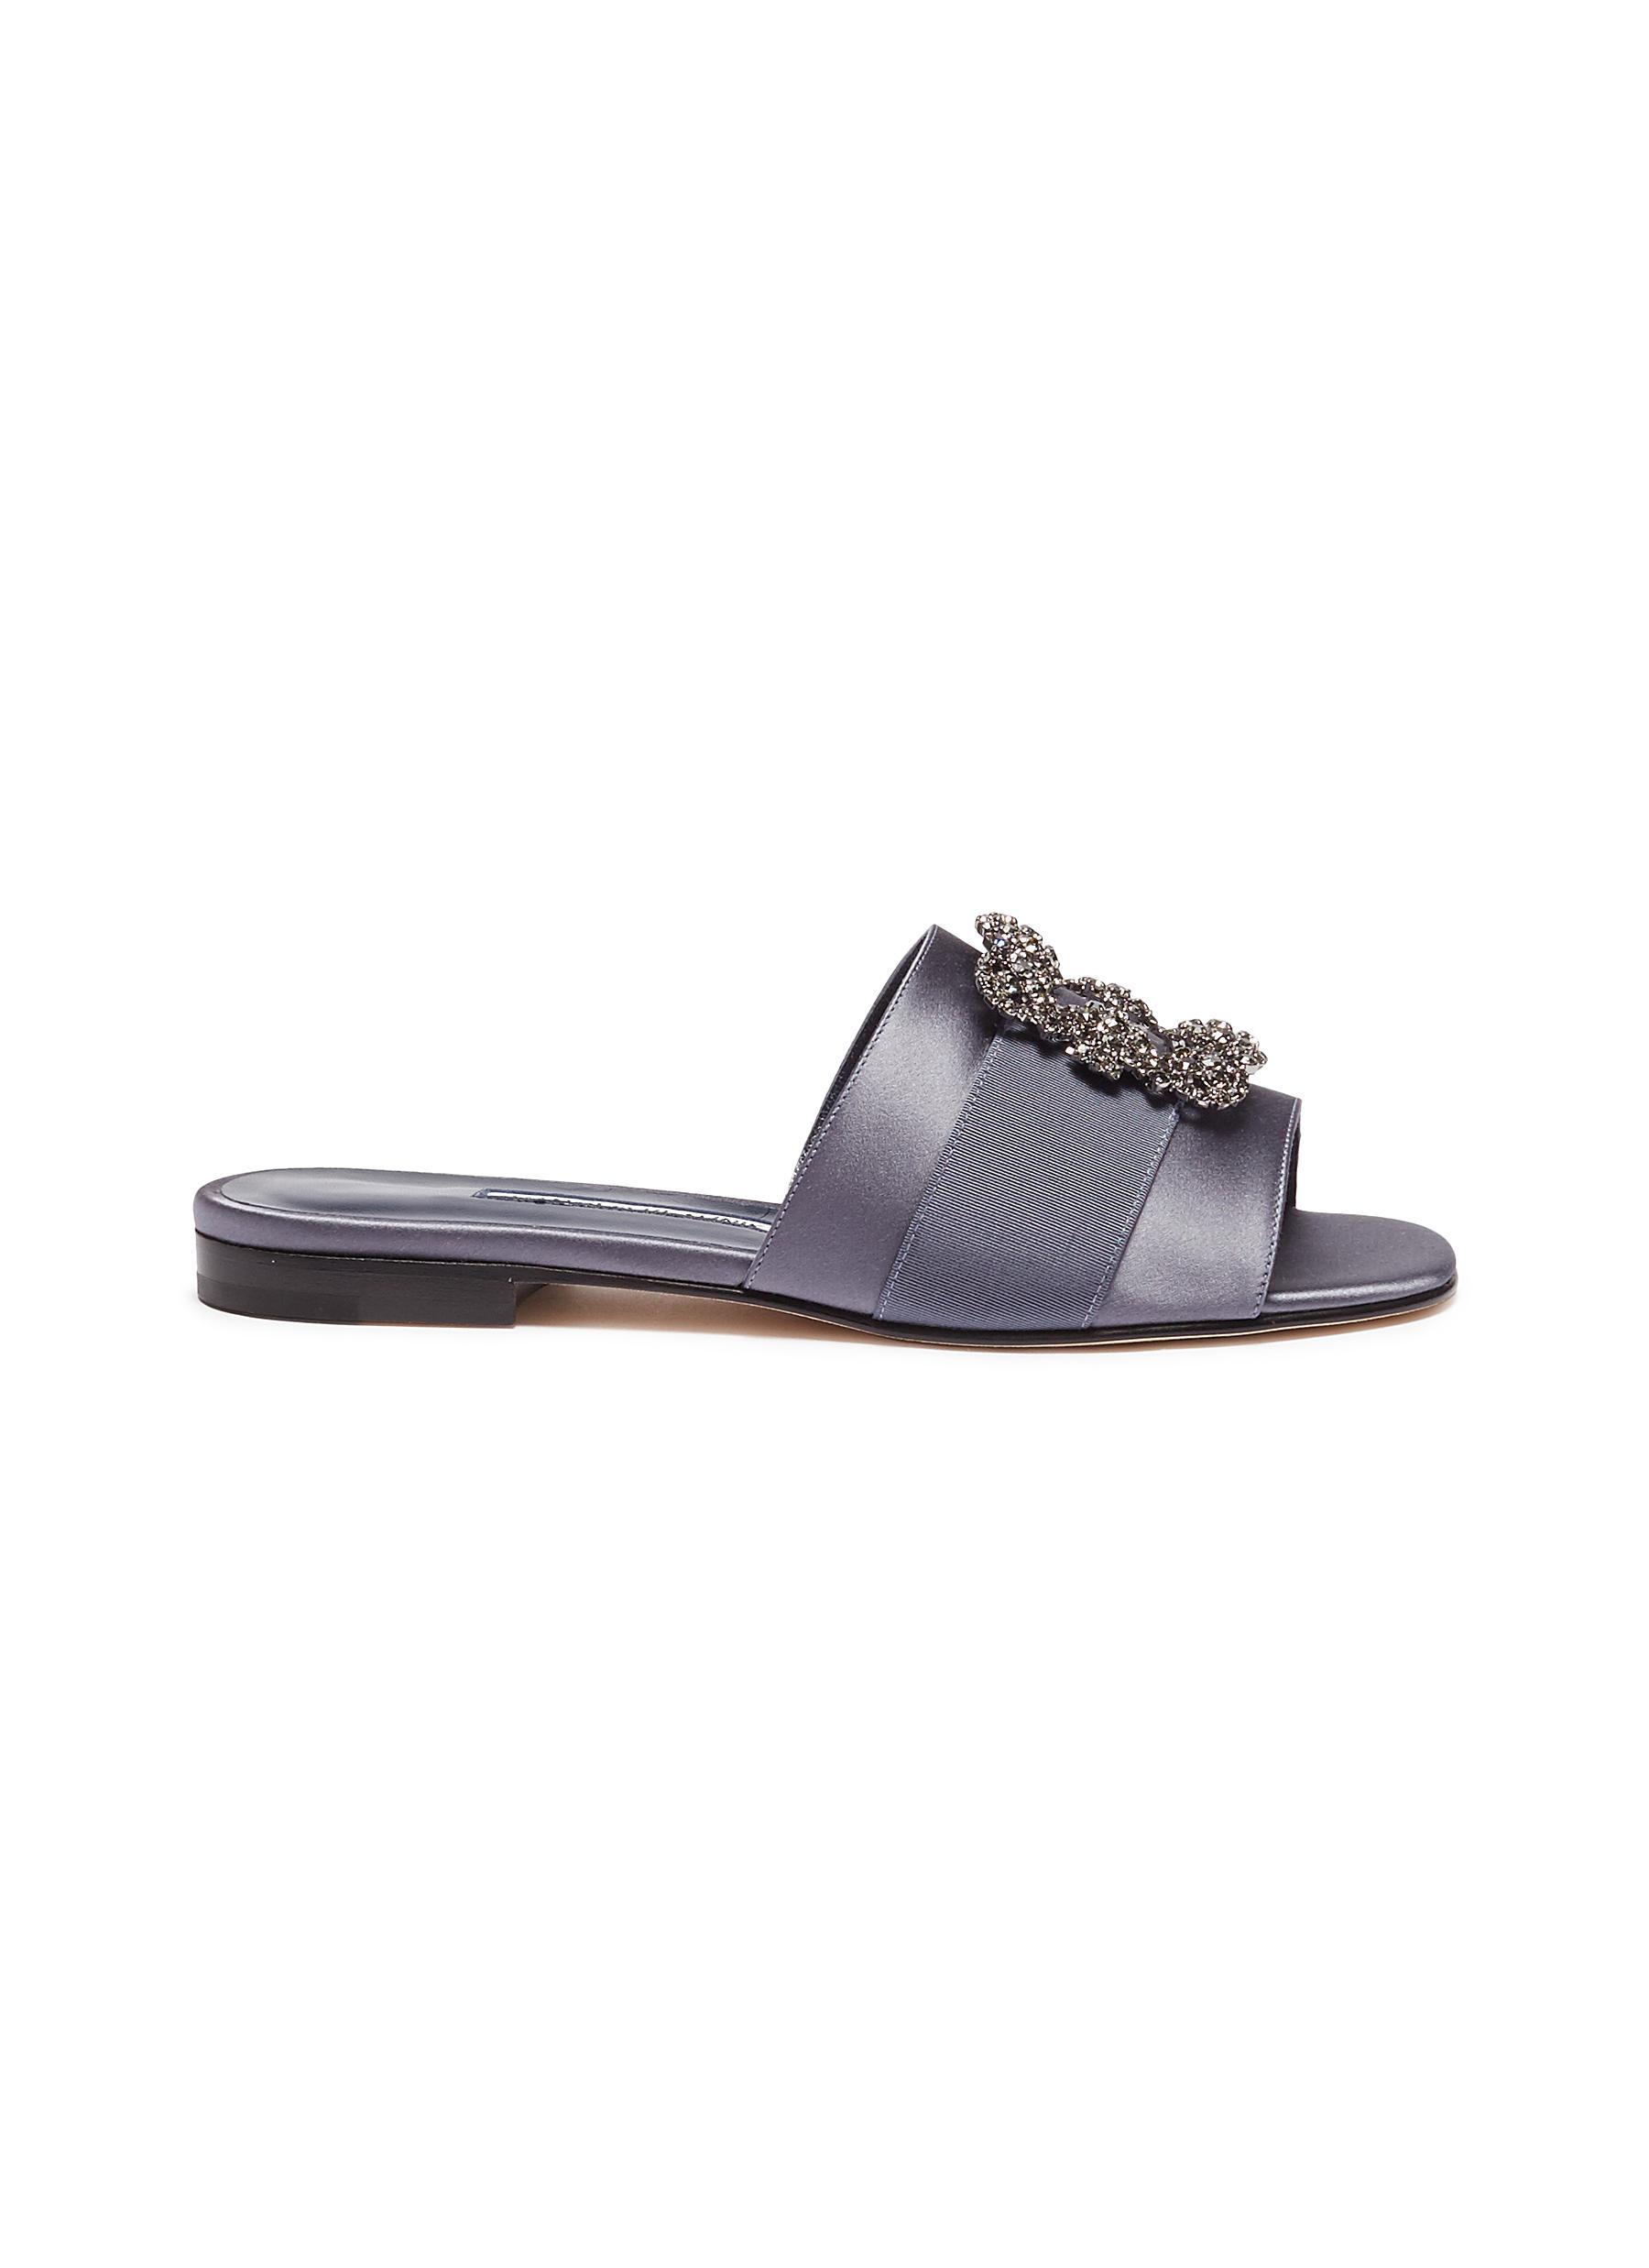 86a2aaeec899 Manolo Blahnik.  Martamod  Swarovski crystal brooch satin slide sandals